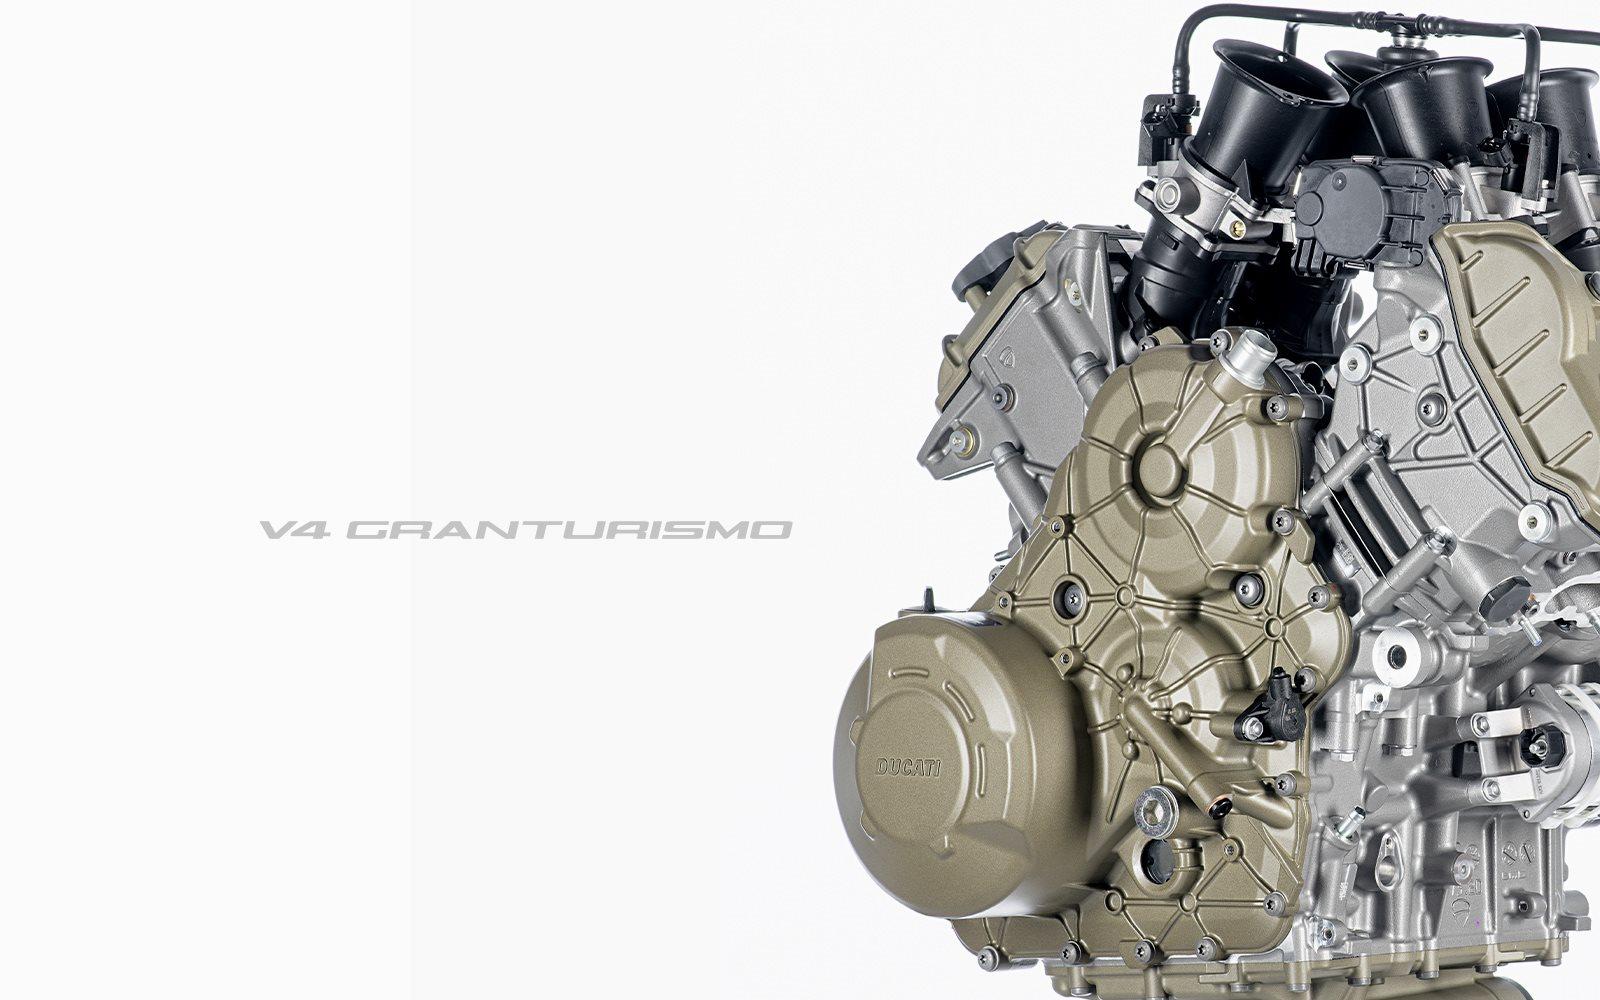 Der neue Ducati Motor. Leicht, schlank und laufruhig. Reaktionsschnell und einfach nicht aufzuhalten.